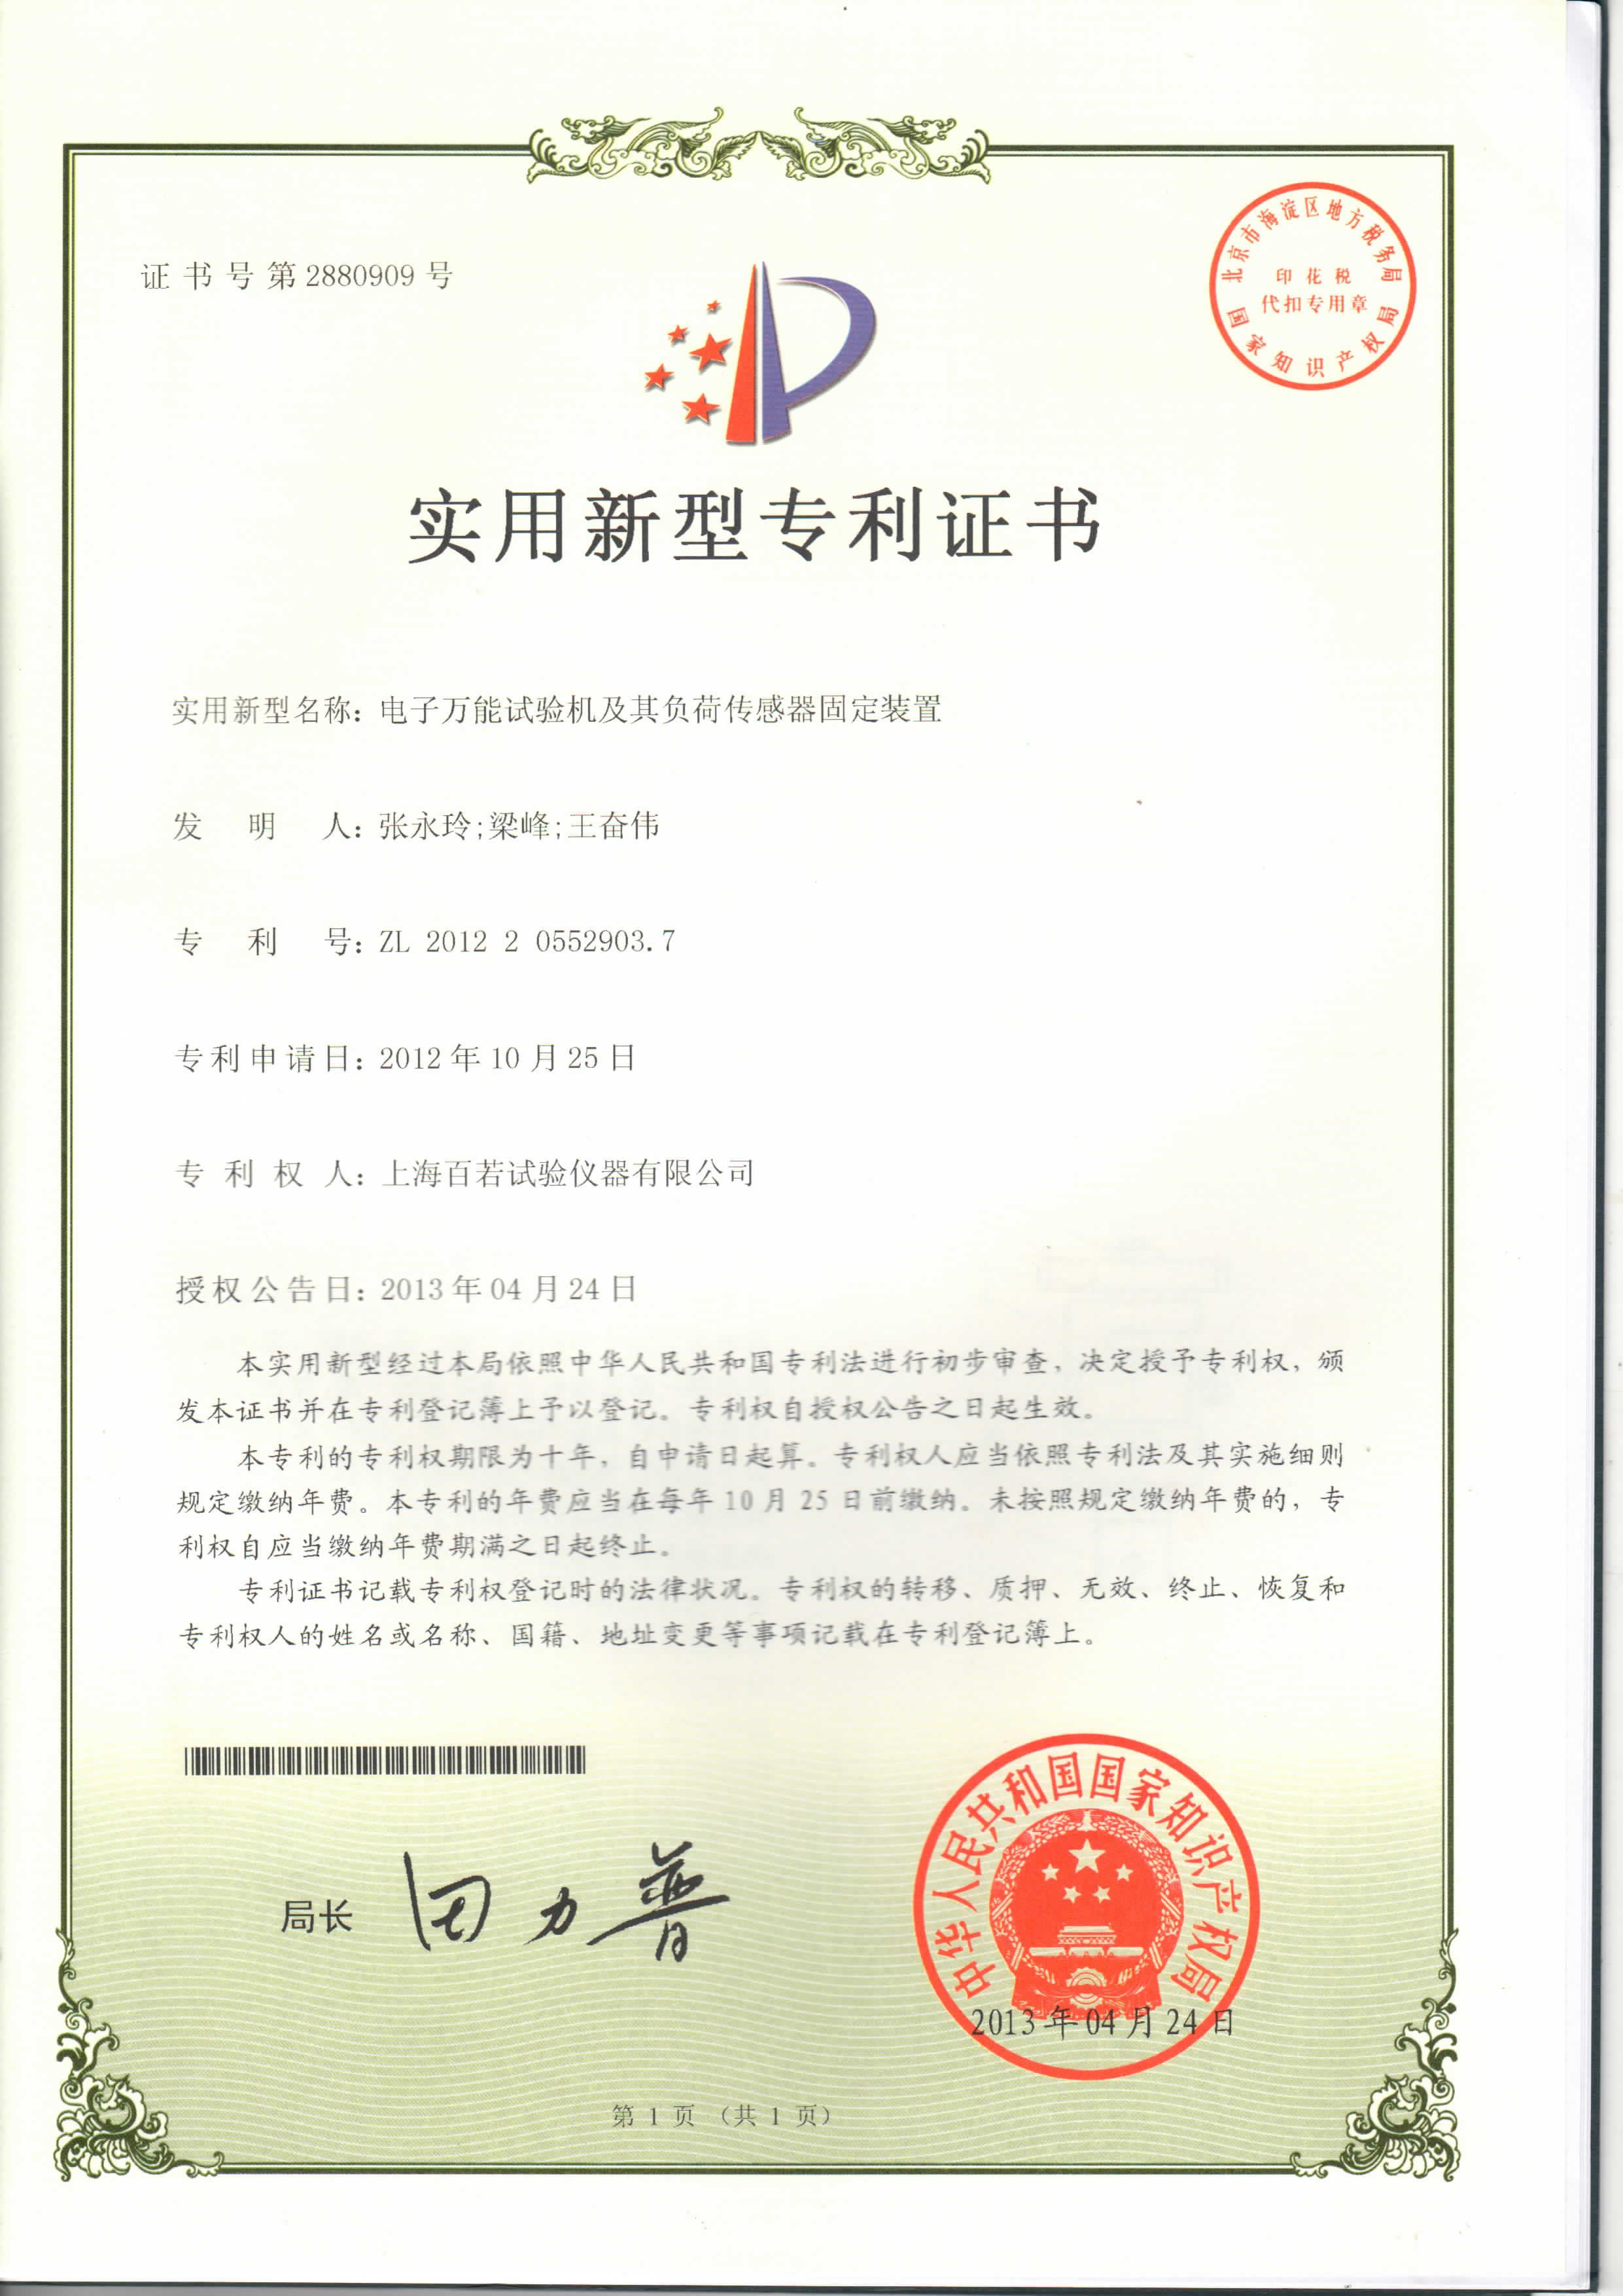 专利证书-电子万能试验机及其负荷传感器固定装置